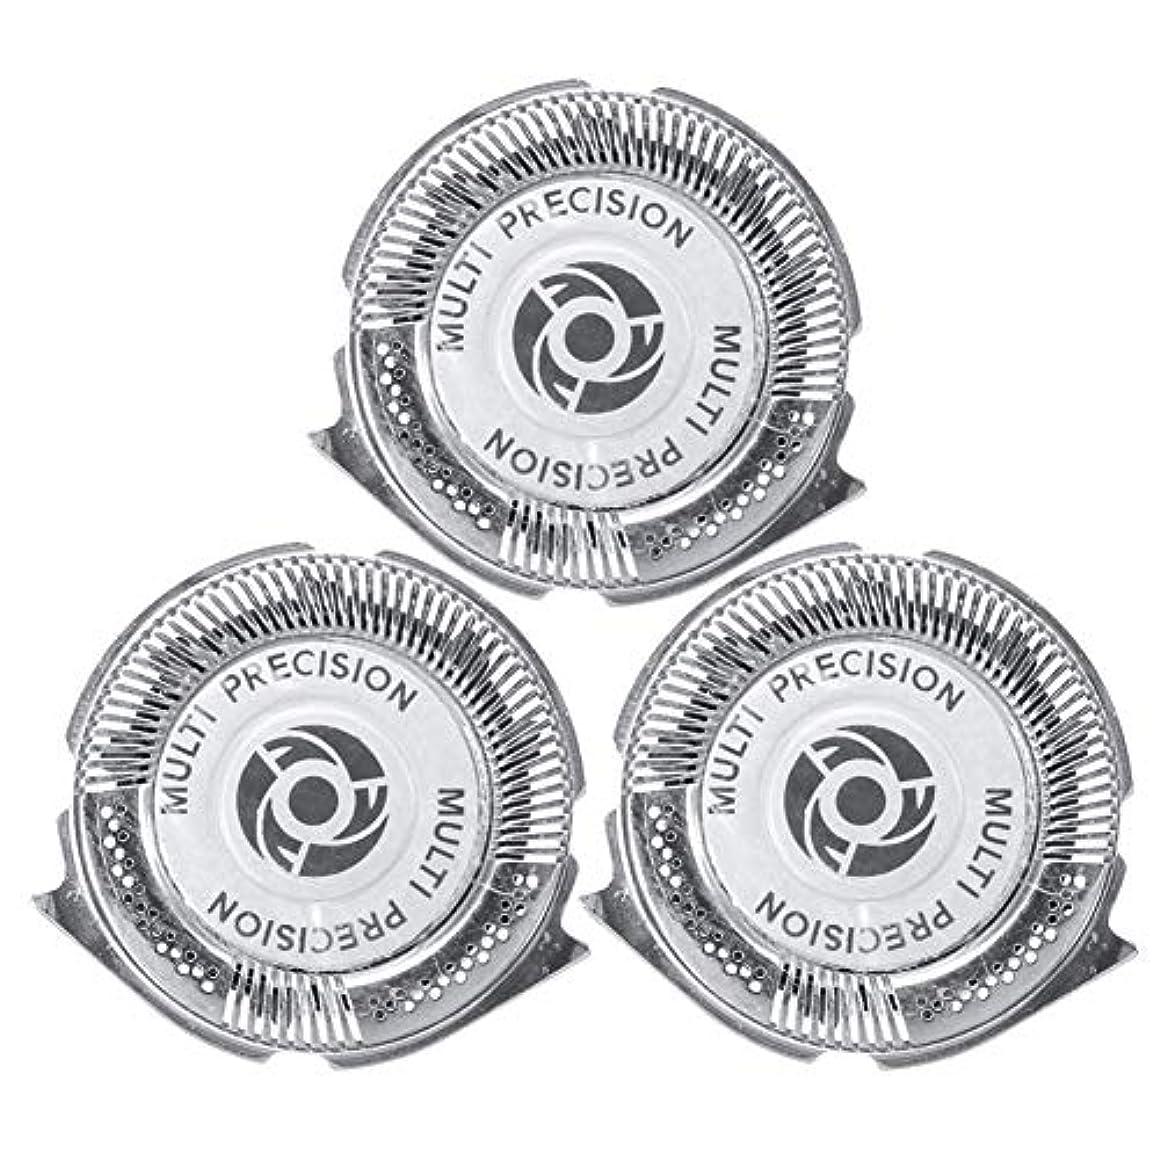 パンダ反対するハードシェーバー 替刃 替え刃 カミソリ ヘッド 3頭のヘッド 交換用替刃 替刃3個入り フィリップス5000シリーズ SH50/51/52 HQ8に適用